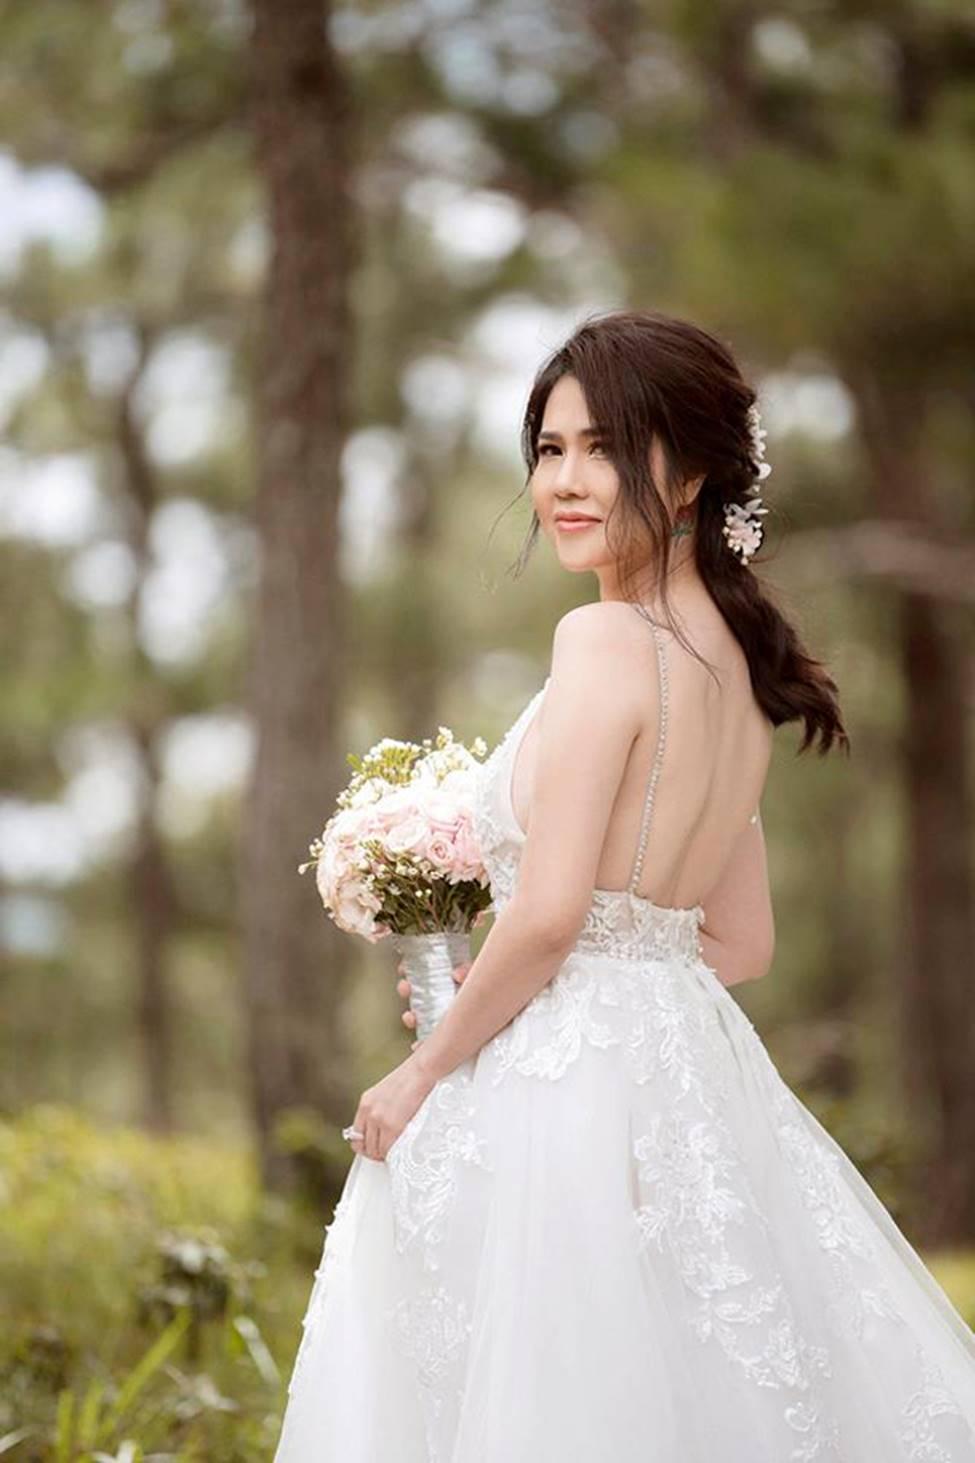 Chị gái diện váy cưới quá nóng bỏng, nữ hoàng nội y cũng phải ghen tỵ-20